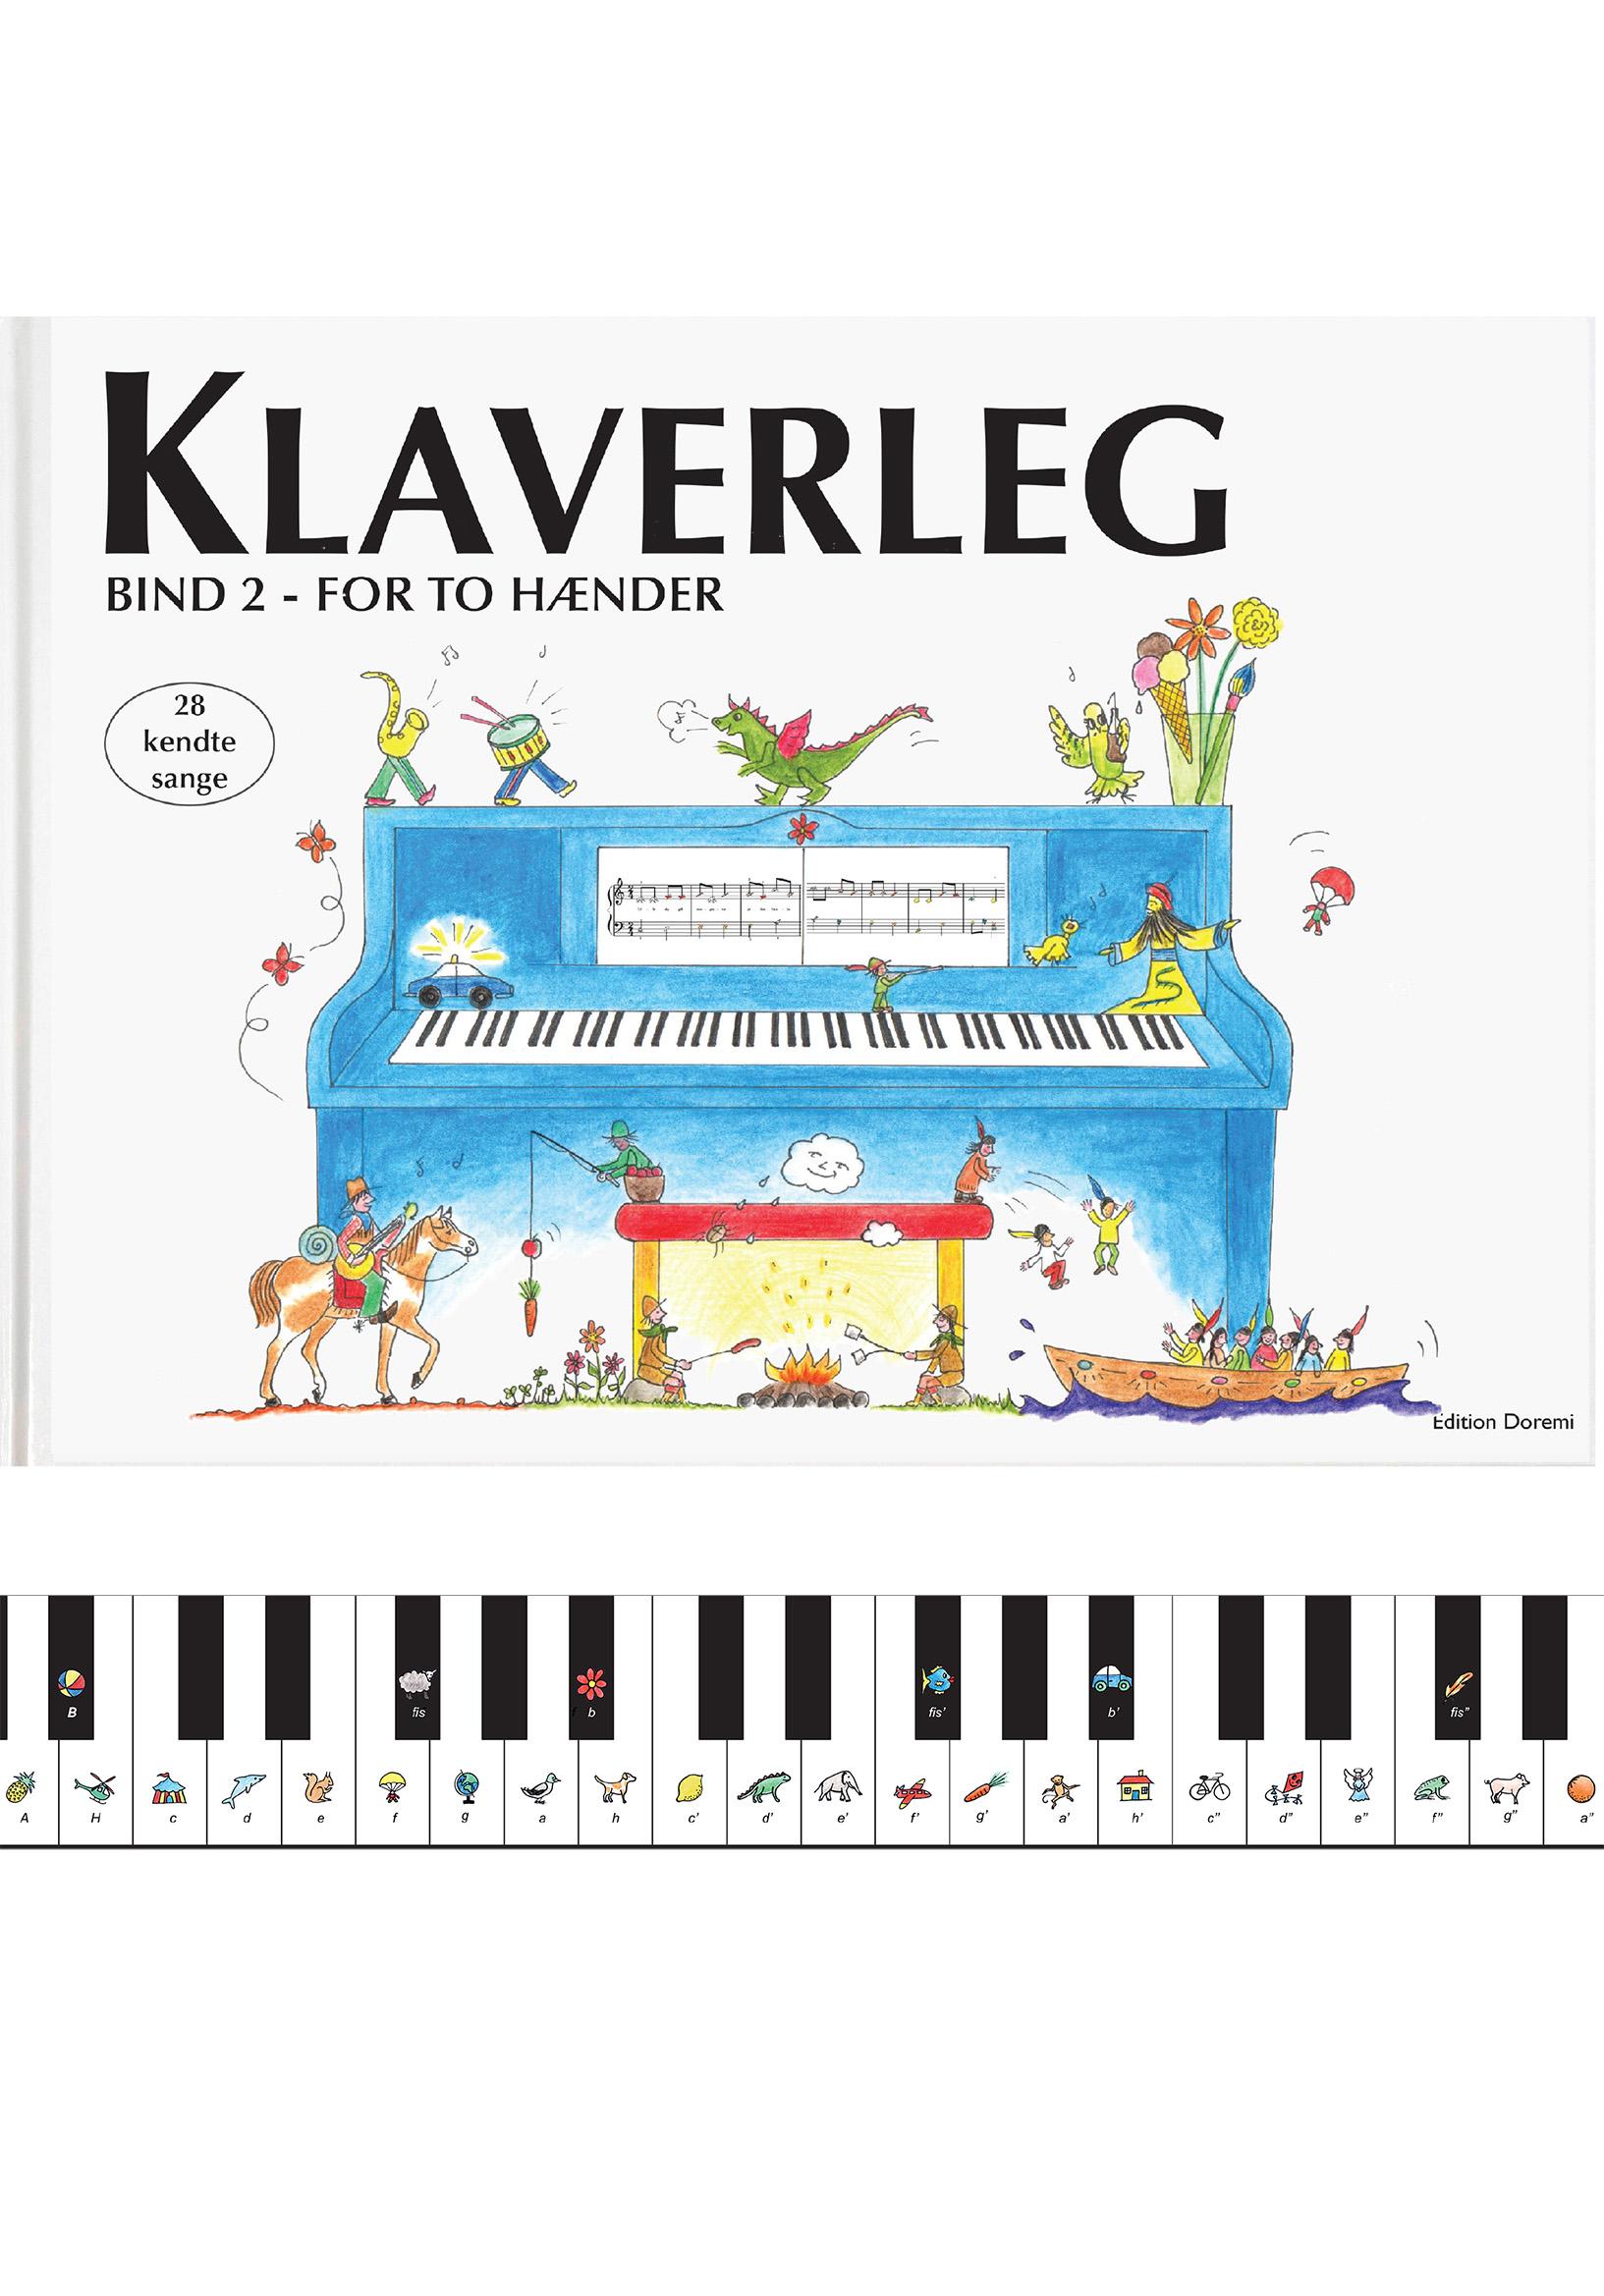 Klaverleg: Klaverleg bind 2 - for to hænder (blå) - Pernille Holm Kofod - Bøger - Edition Doremi ApS - 9788793603035 - 22/4-2020